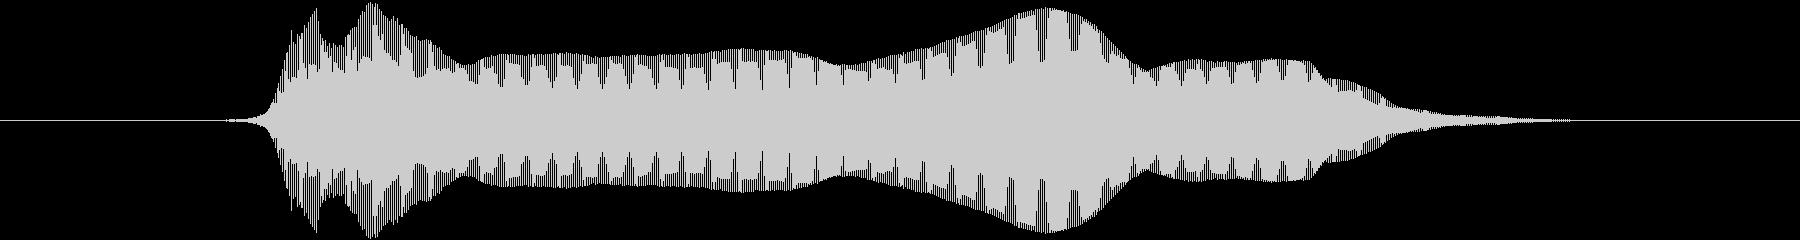 キャニスターエアホーン:内部:シン...の未再生の波形